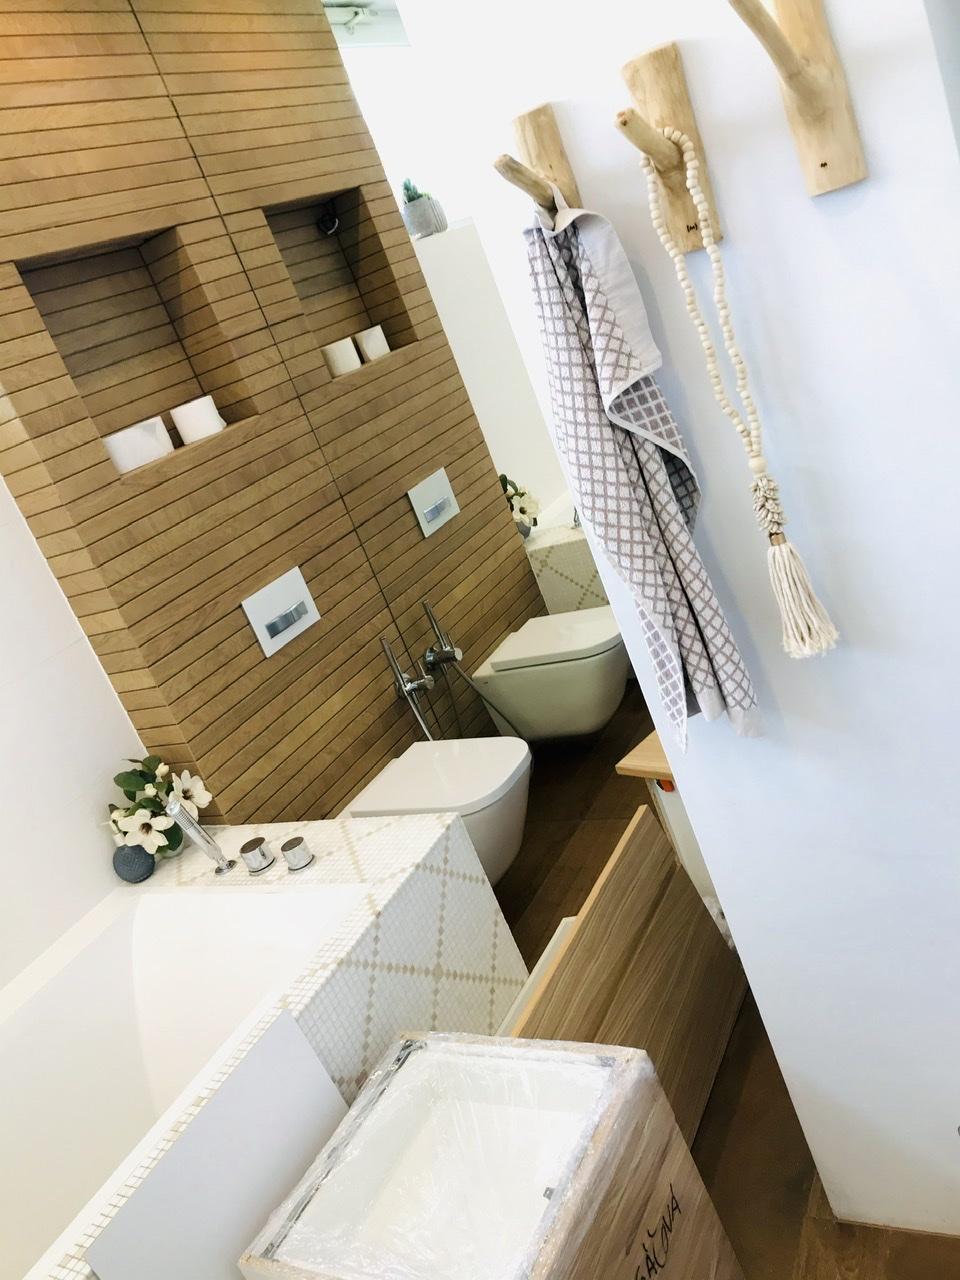 Naše L-ko - 2021 - stále dokončujeme - Skrinky pripravené. Do buduca nas čaká zostava nábytku oproti WC (výklenok za drevenými vešiakmi pre pračku, sušičku a prádelné koše)